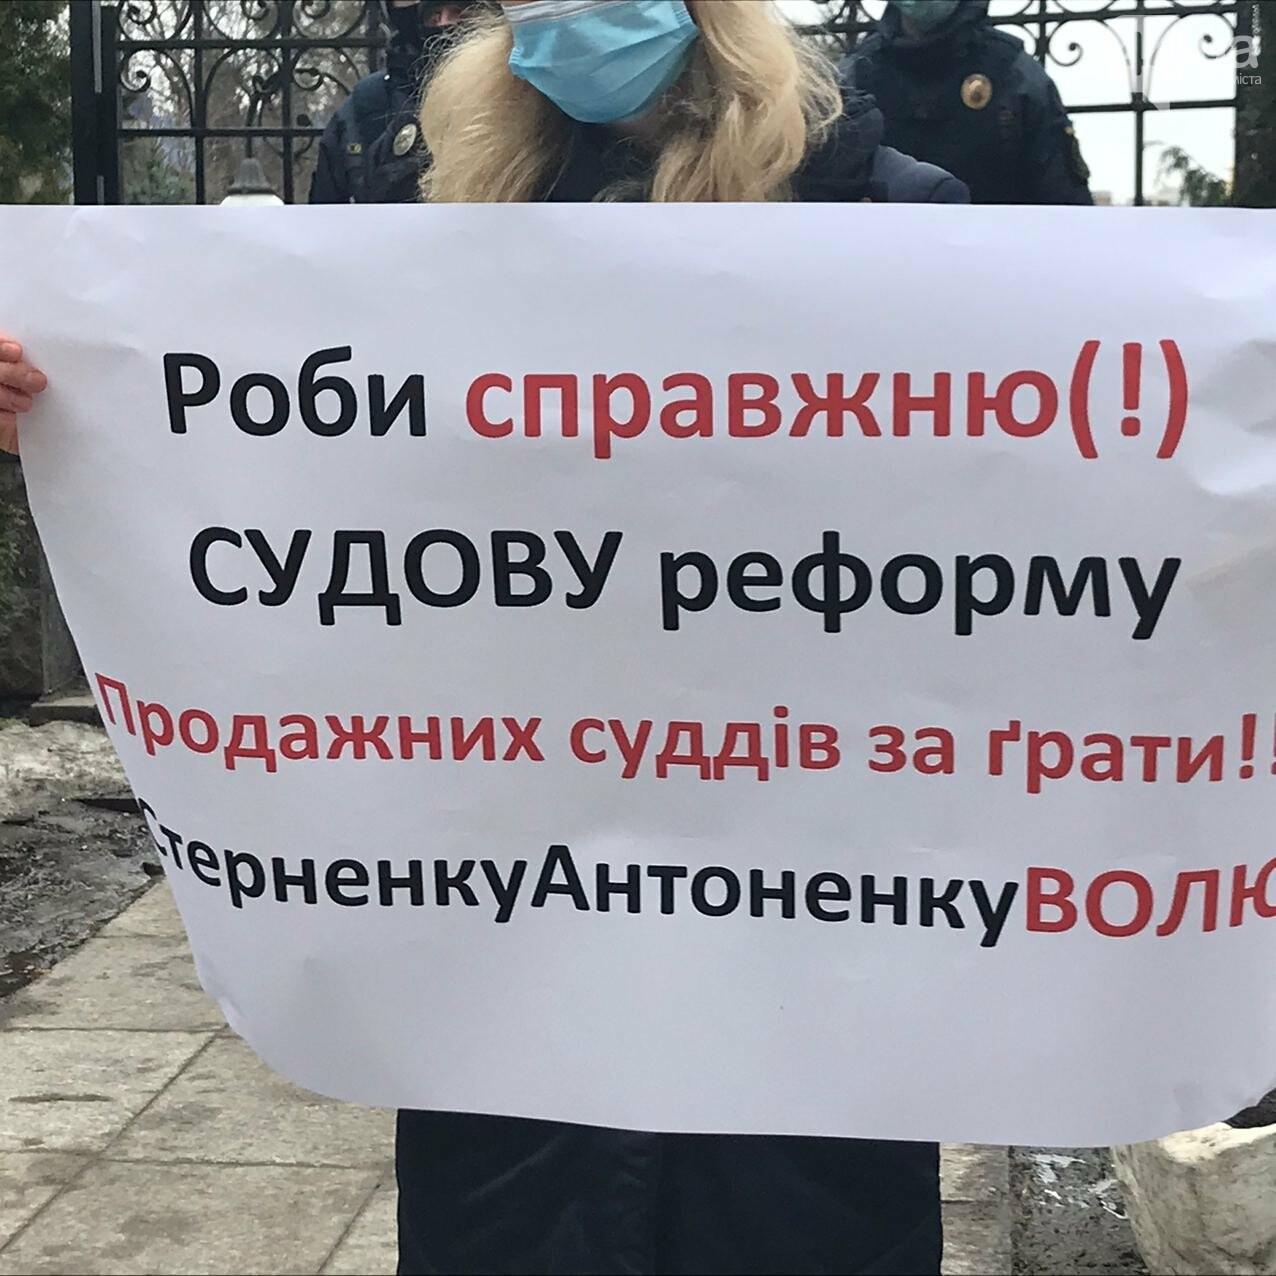 Перекрытые улицы и люди в форме: в Киеве готовятся к новым протестам из-за суда над Стерненко, фото-7